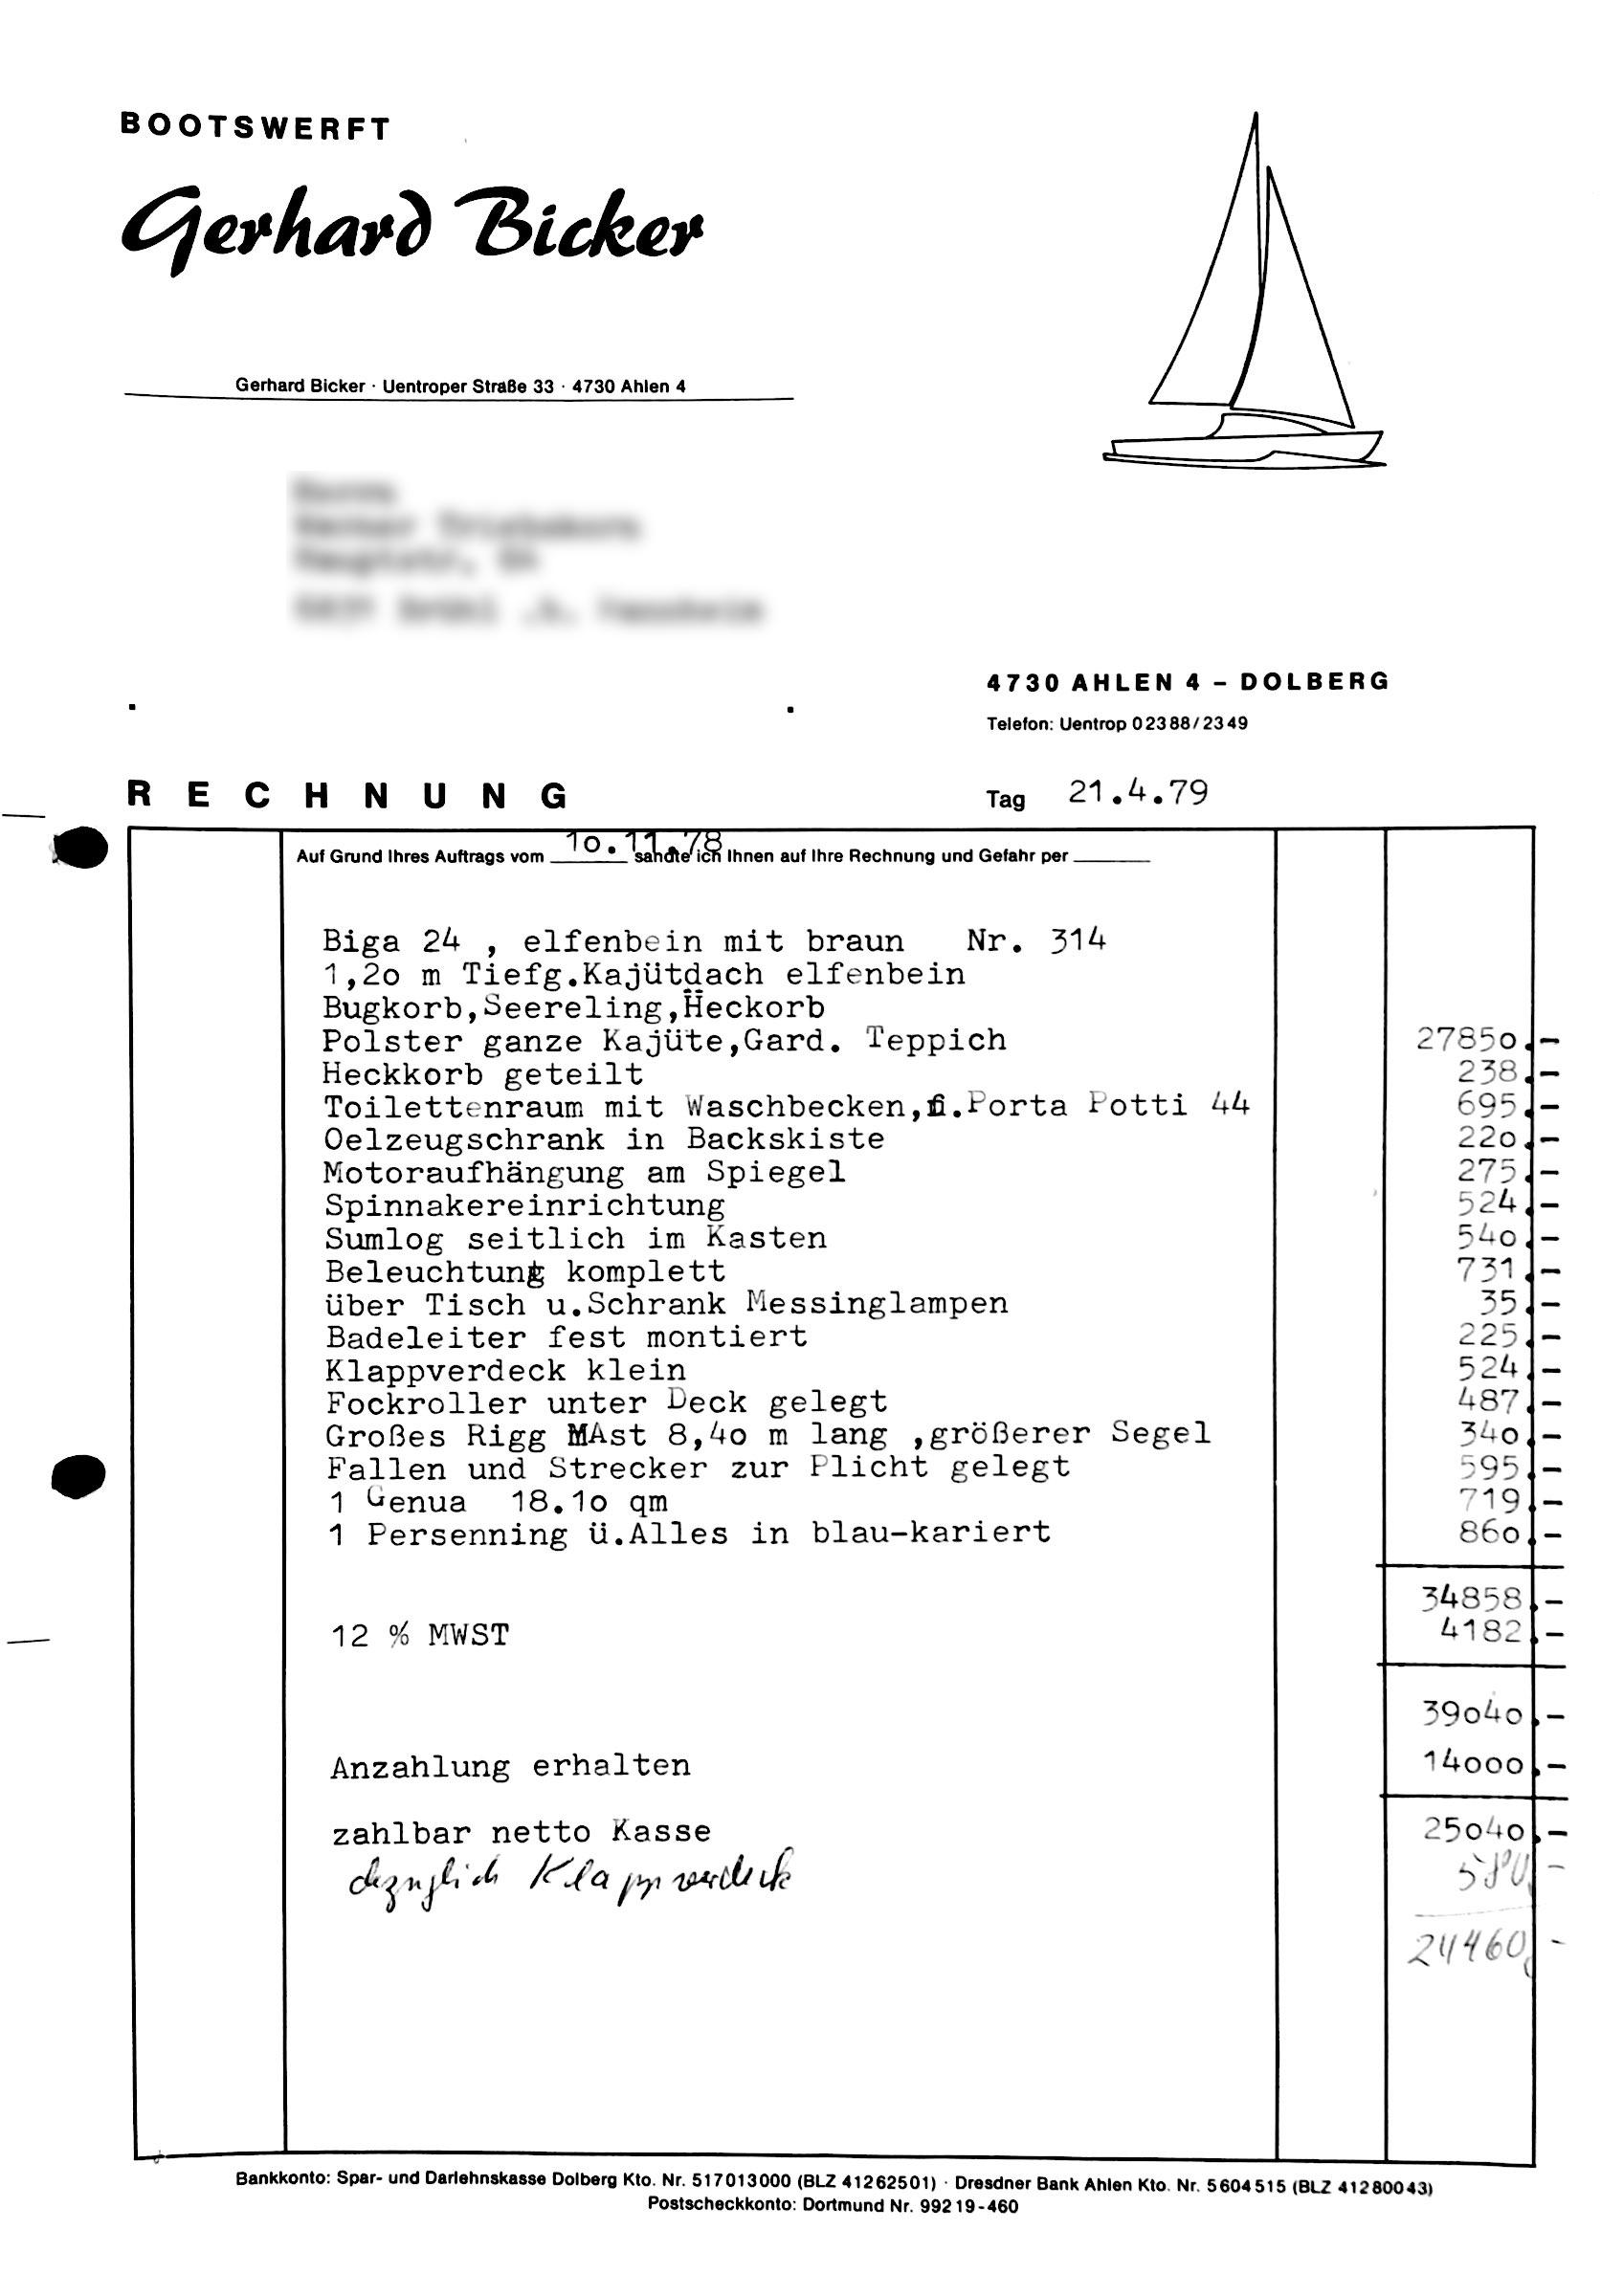 biga 24 rechnung von 1979 ohne adresse sy fofftein. Black Bedroom Furniture Sets. Home Design Ideas